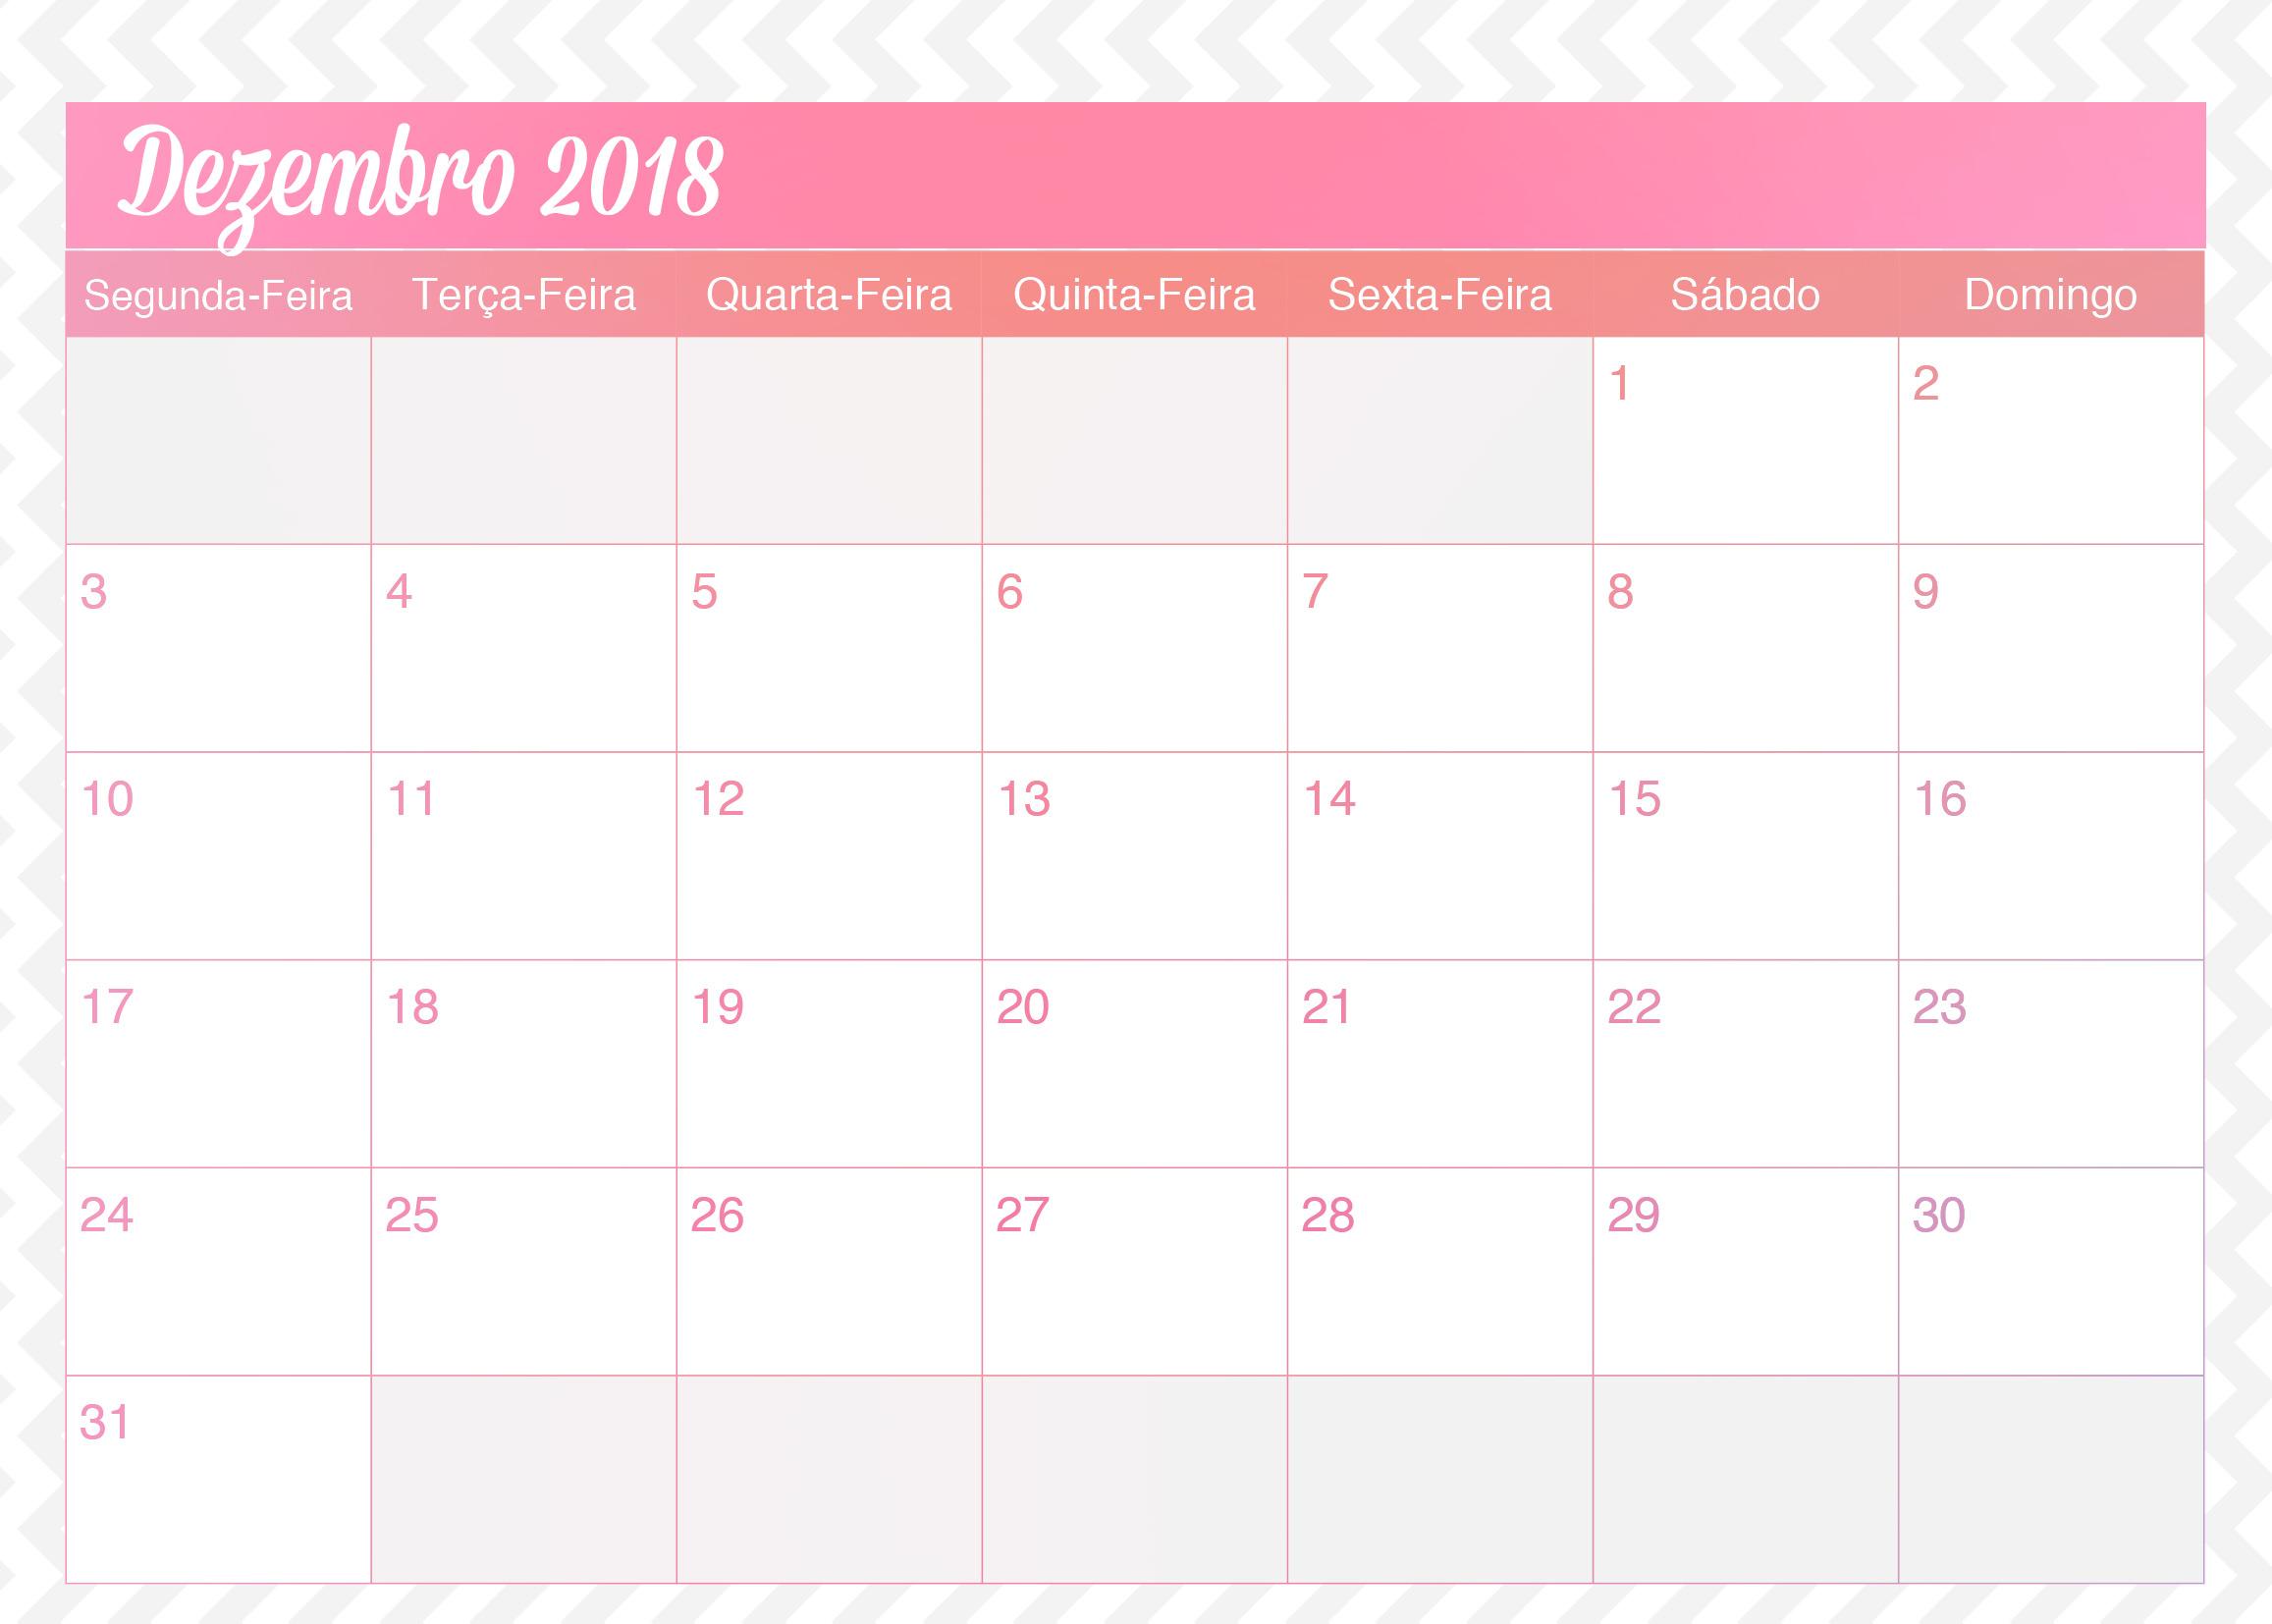 calendario dezembro 2018